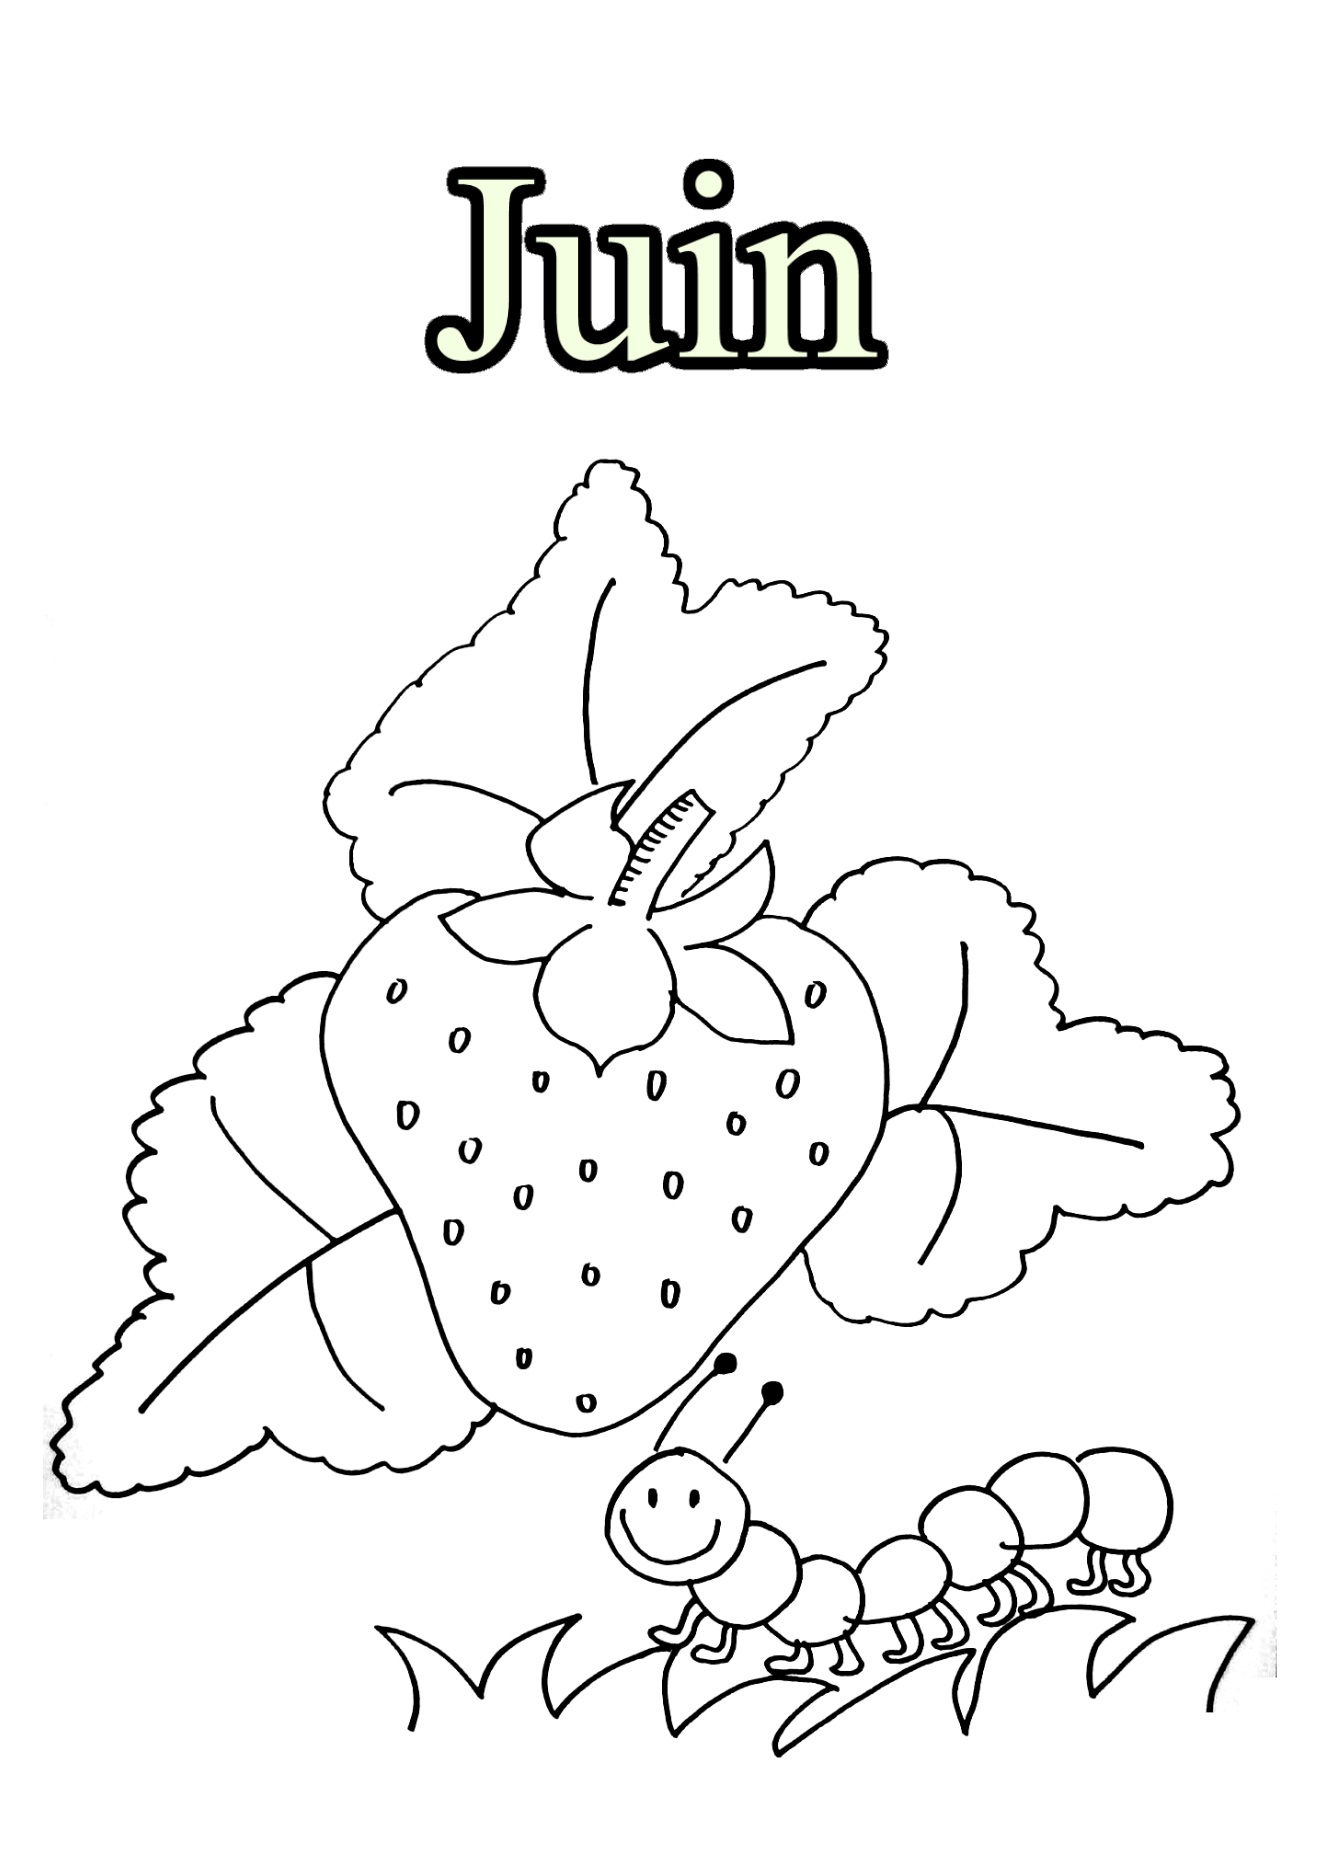 Dessins Gratuits À Colorier - Coloriage Juin À Imprimer pour Mois À Colorier Maternelle